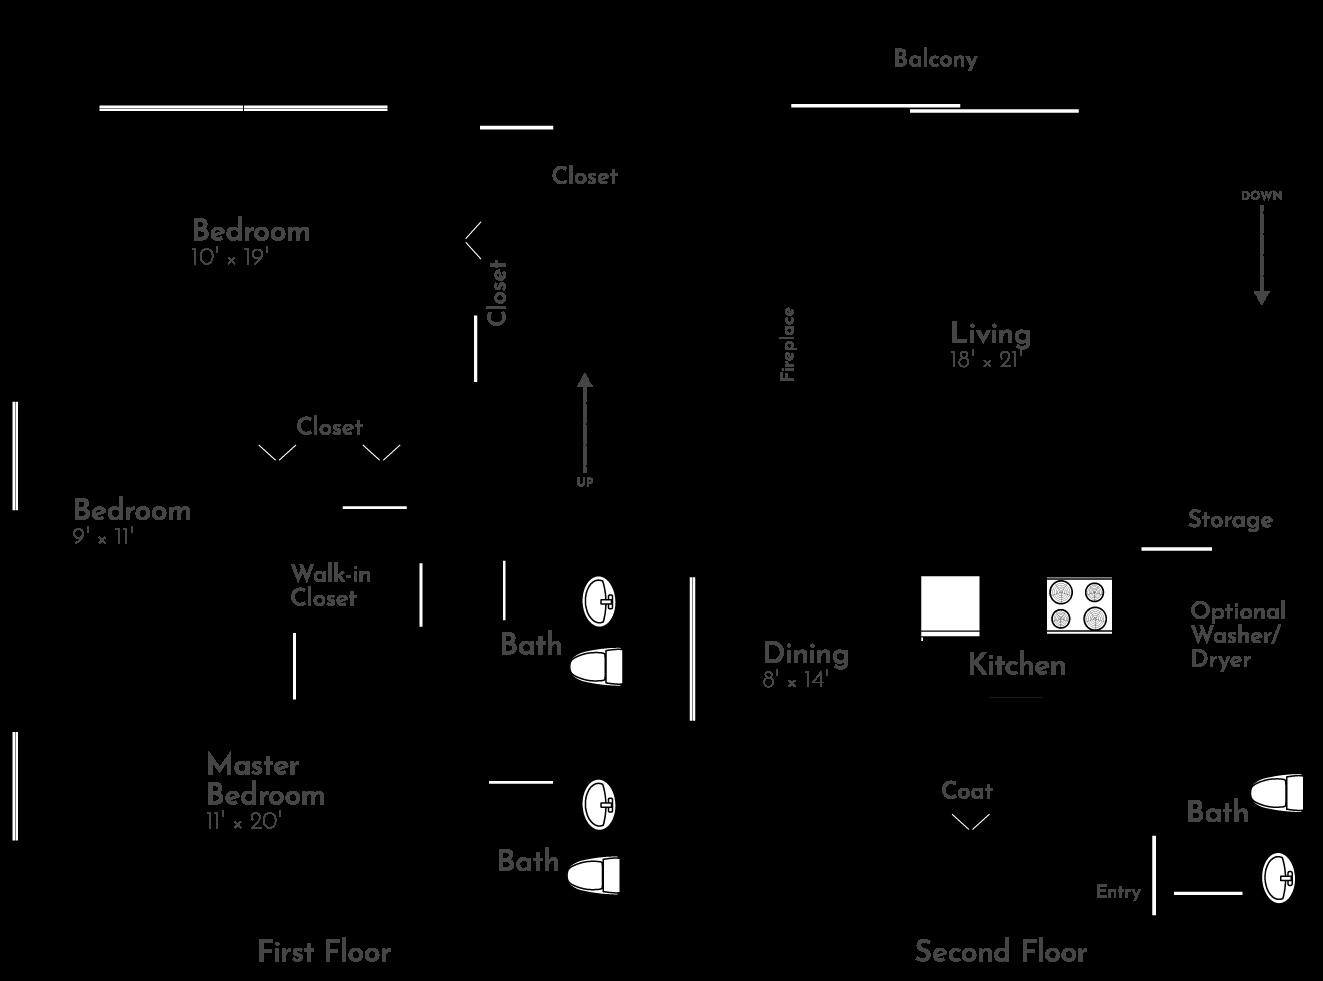 The Valley Floor Plan